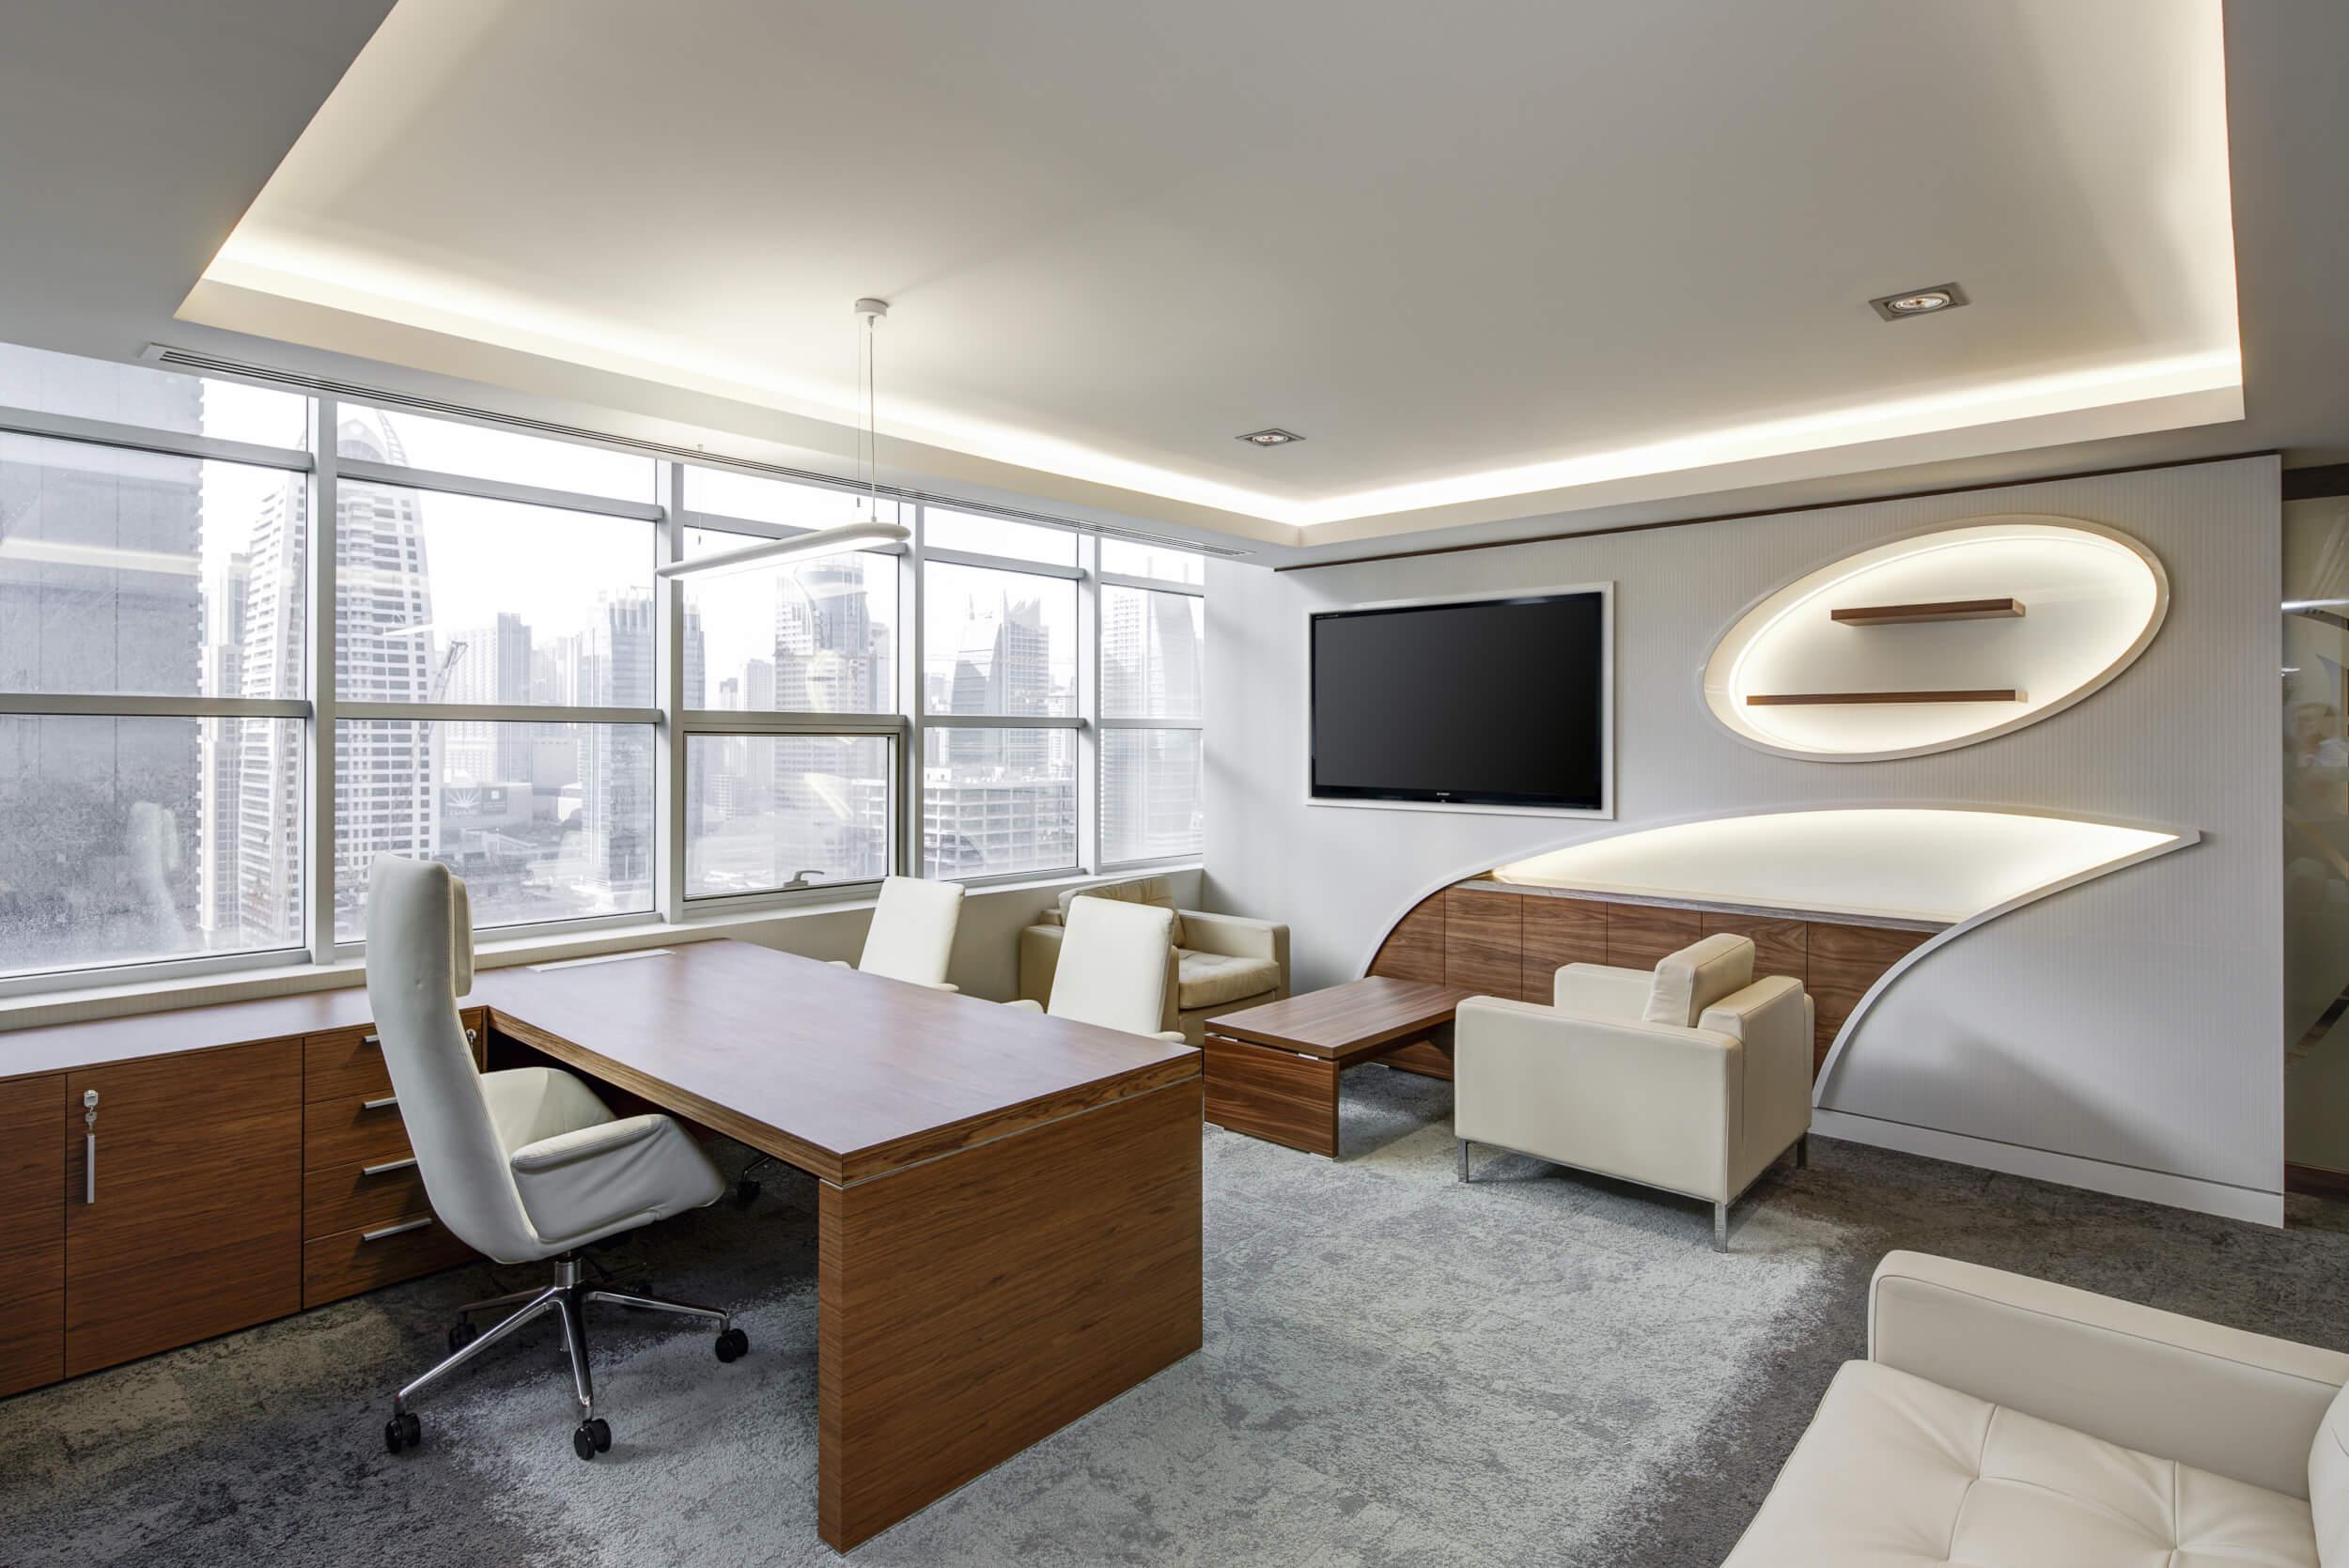 Mit individuellen Büromöbeln für eine angenehme Atmosphäre sorgen